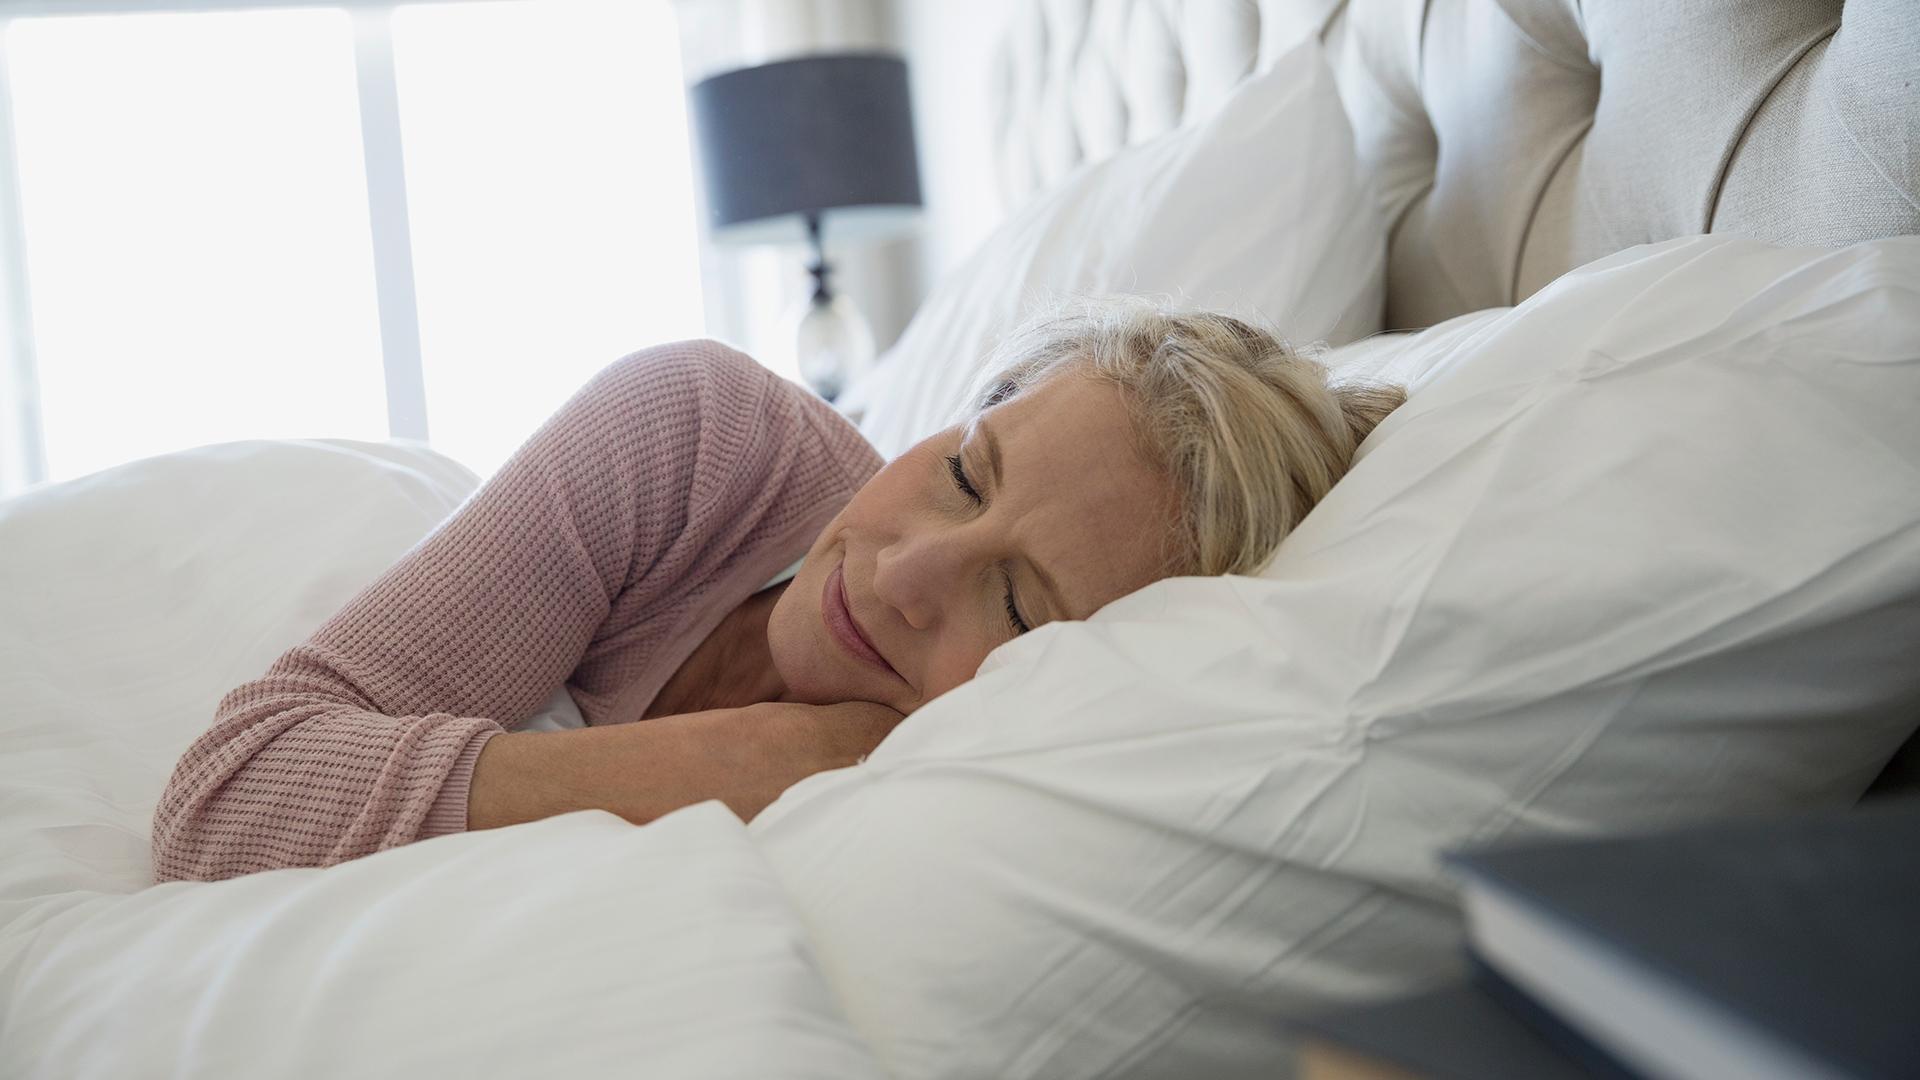 Послеобеденный сон улучшает память и мышление